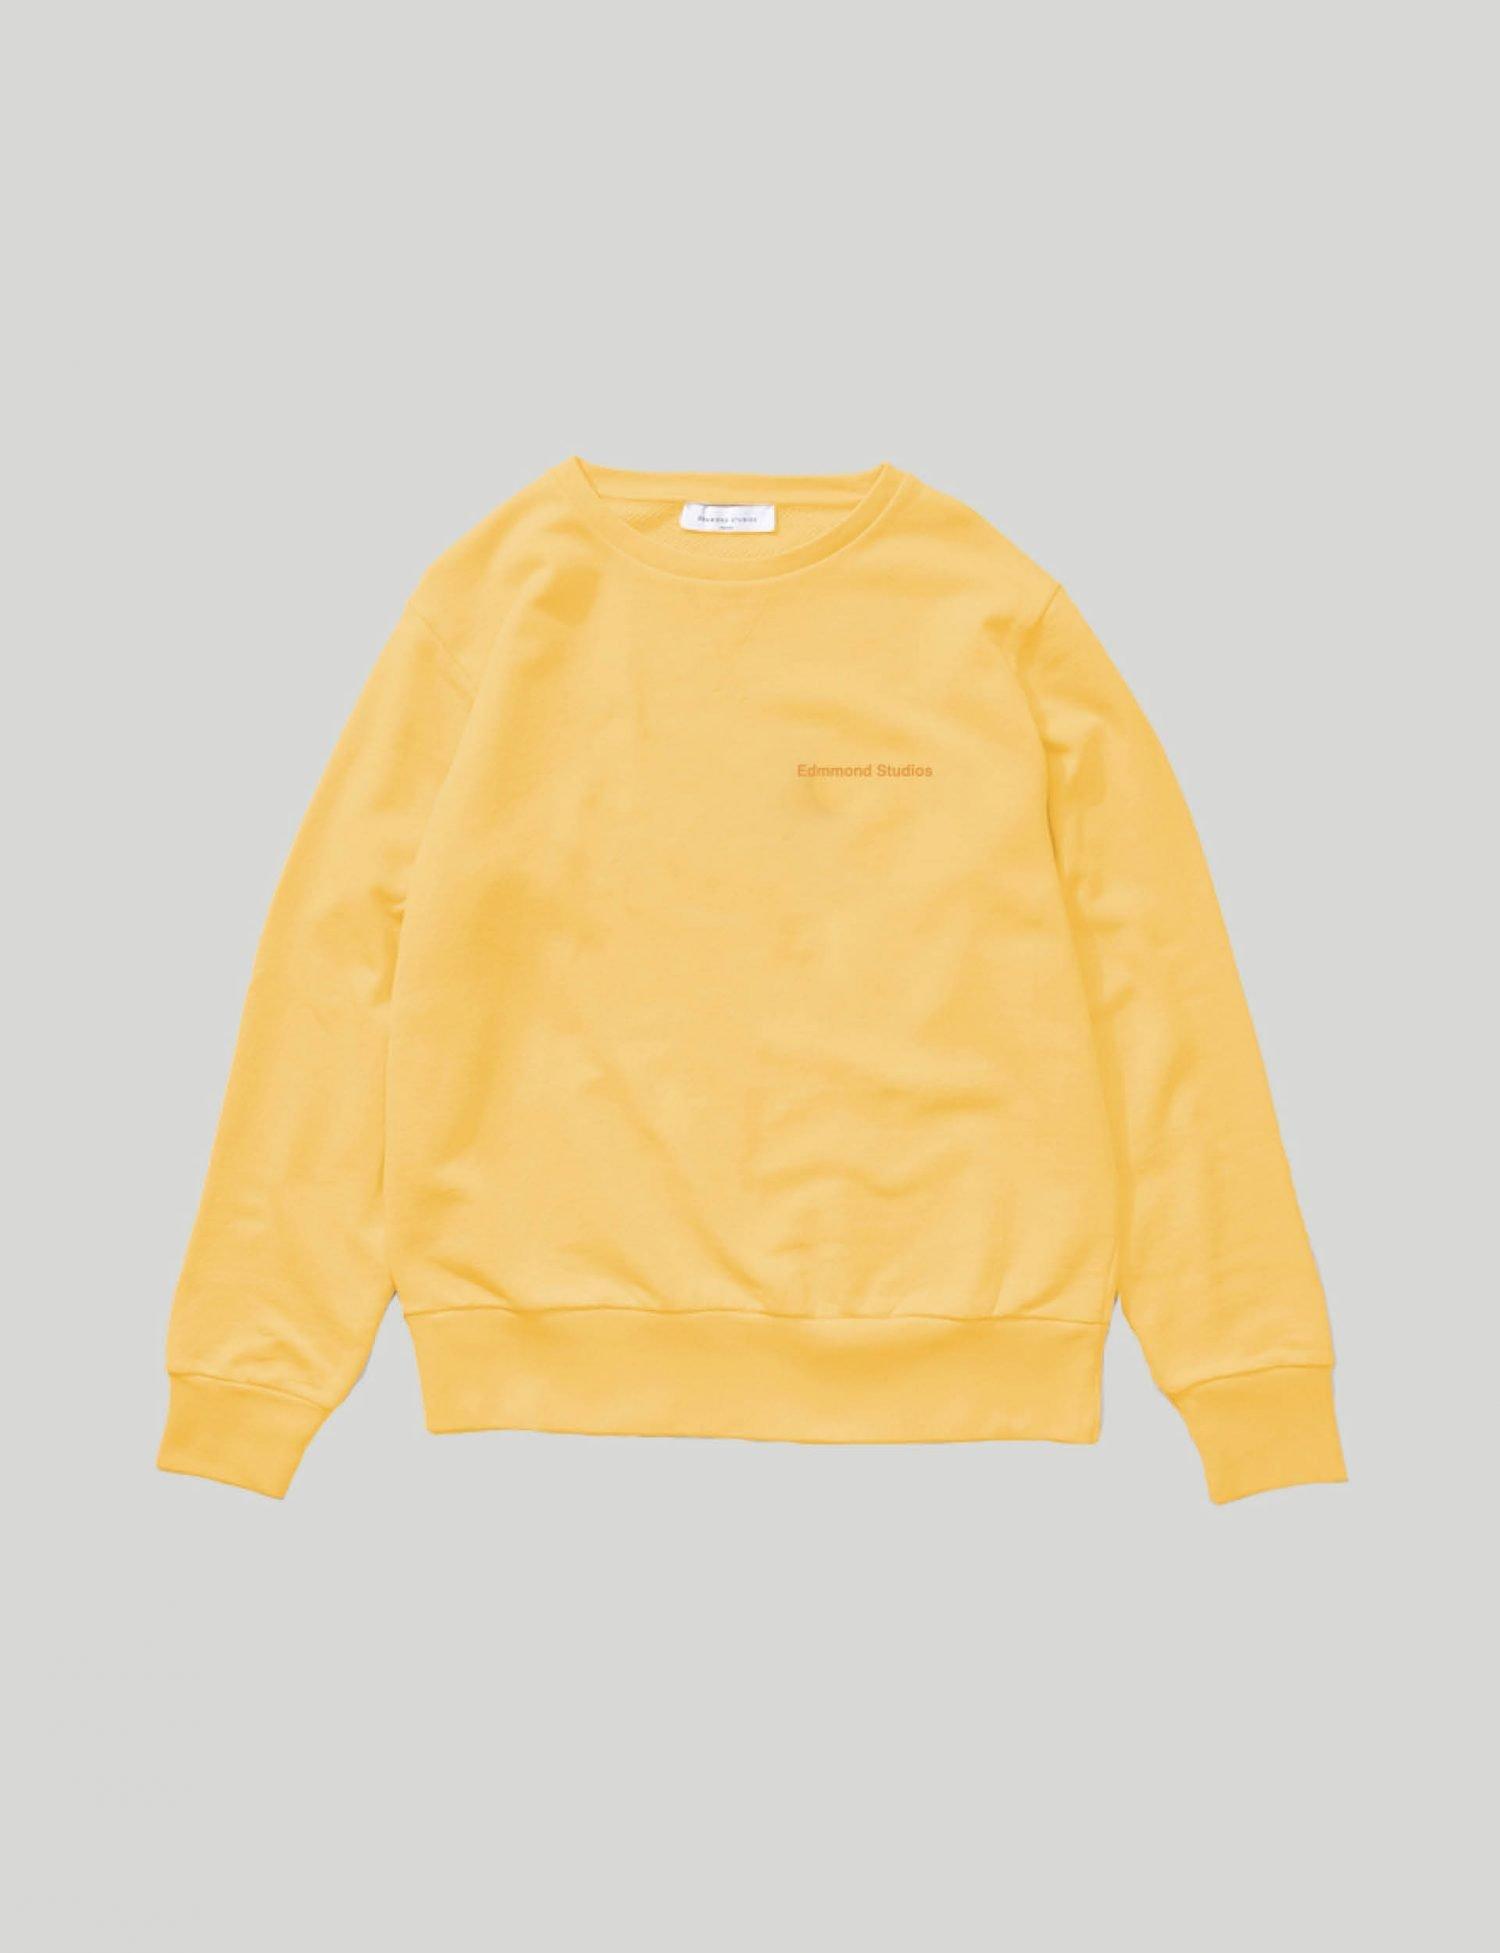 Castart - Edmmond - Pro Flower Sweater - Yellow